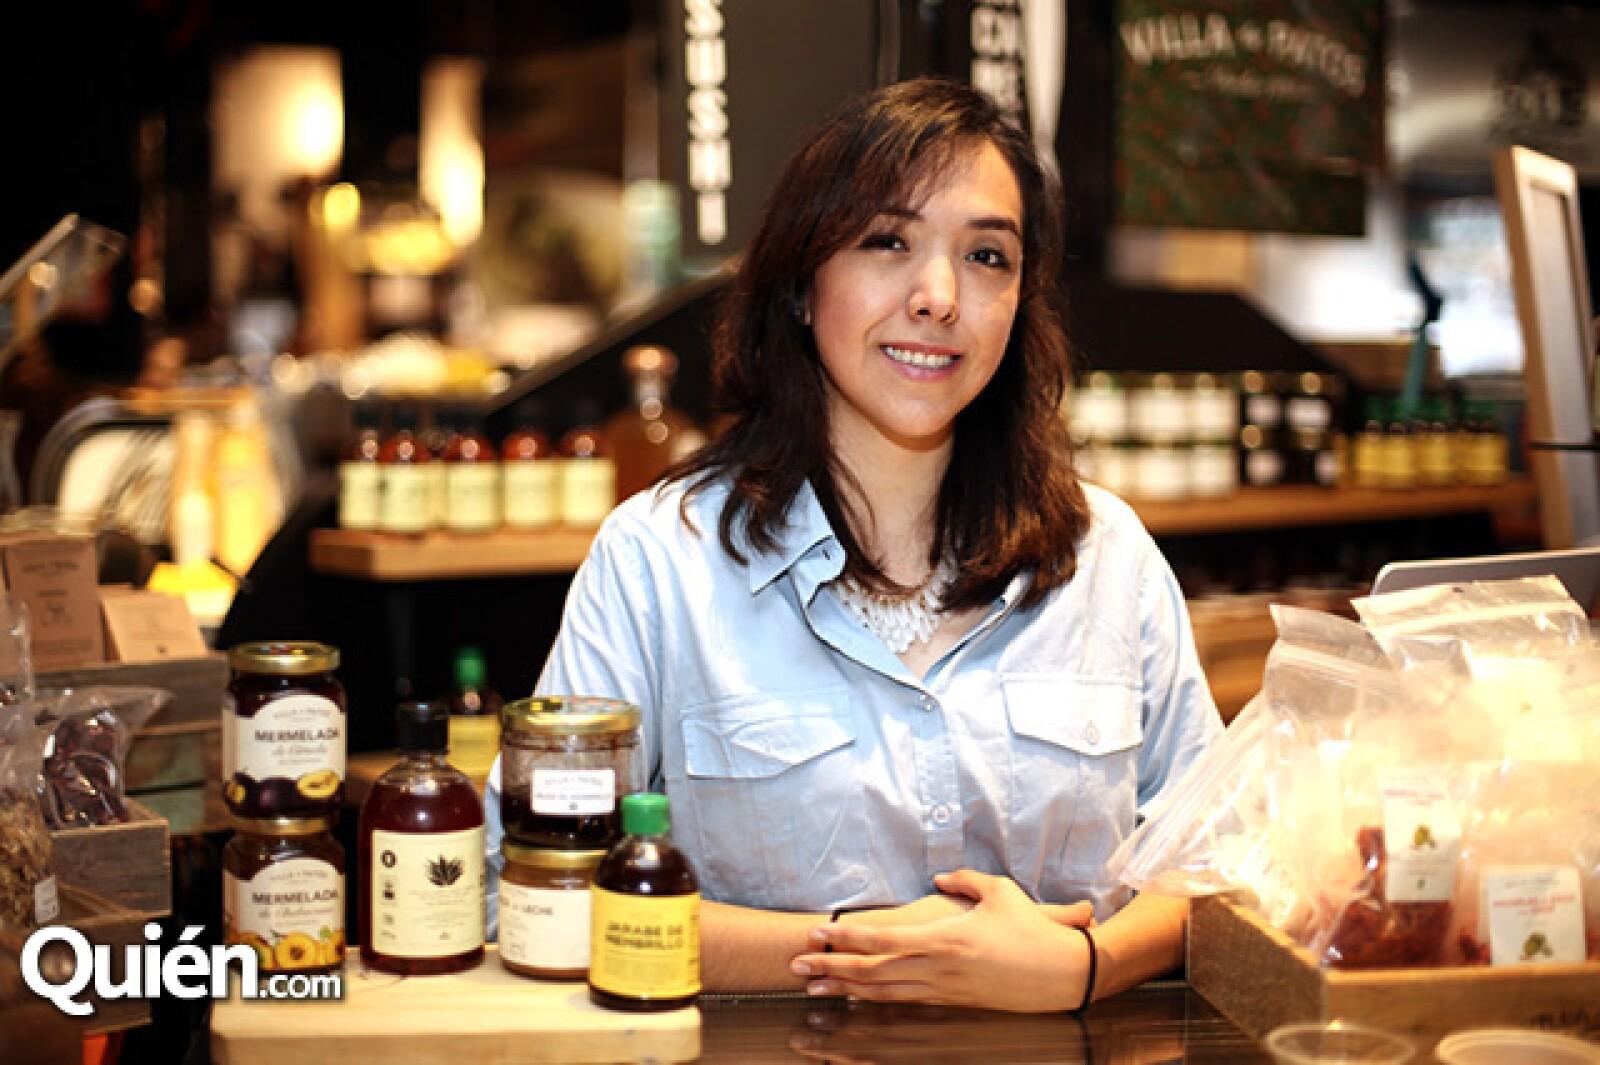 Andrea Canela